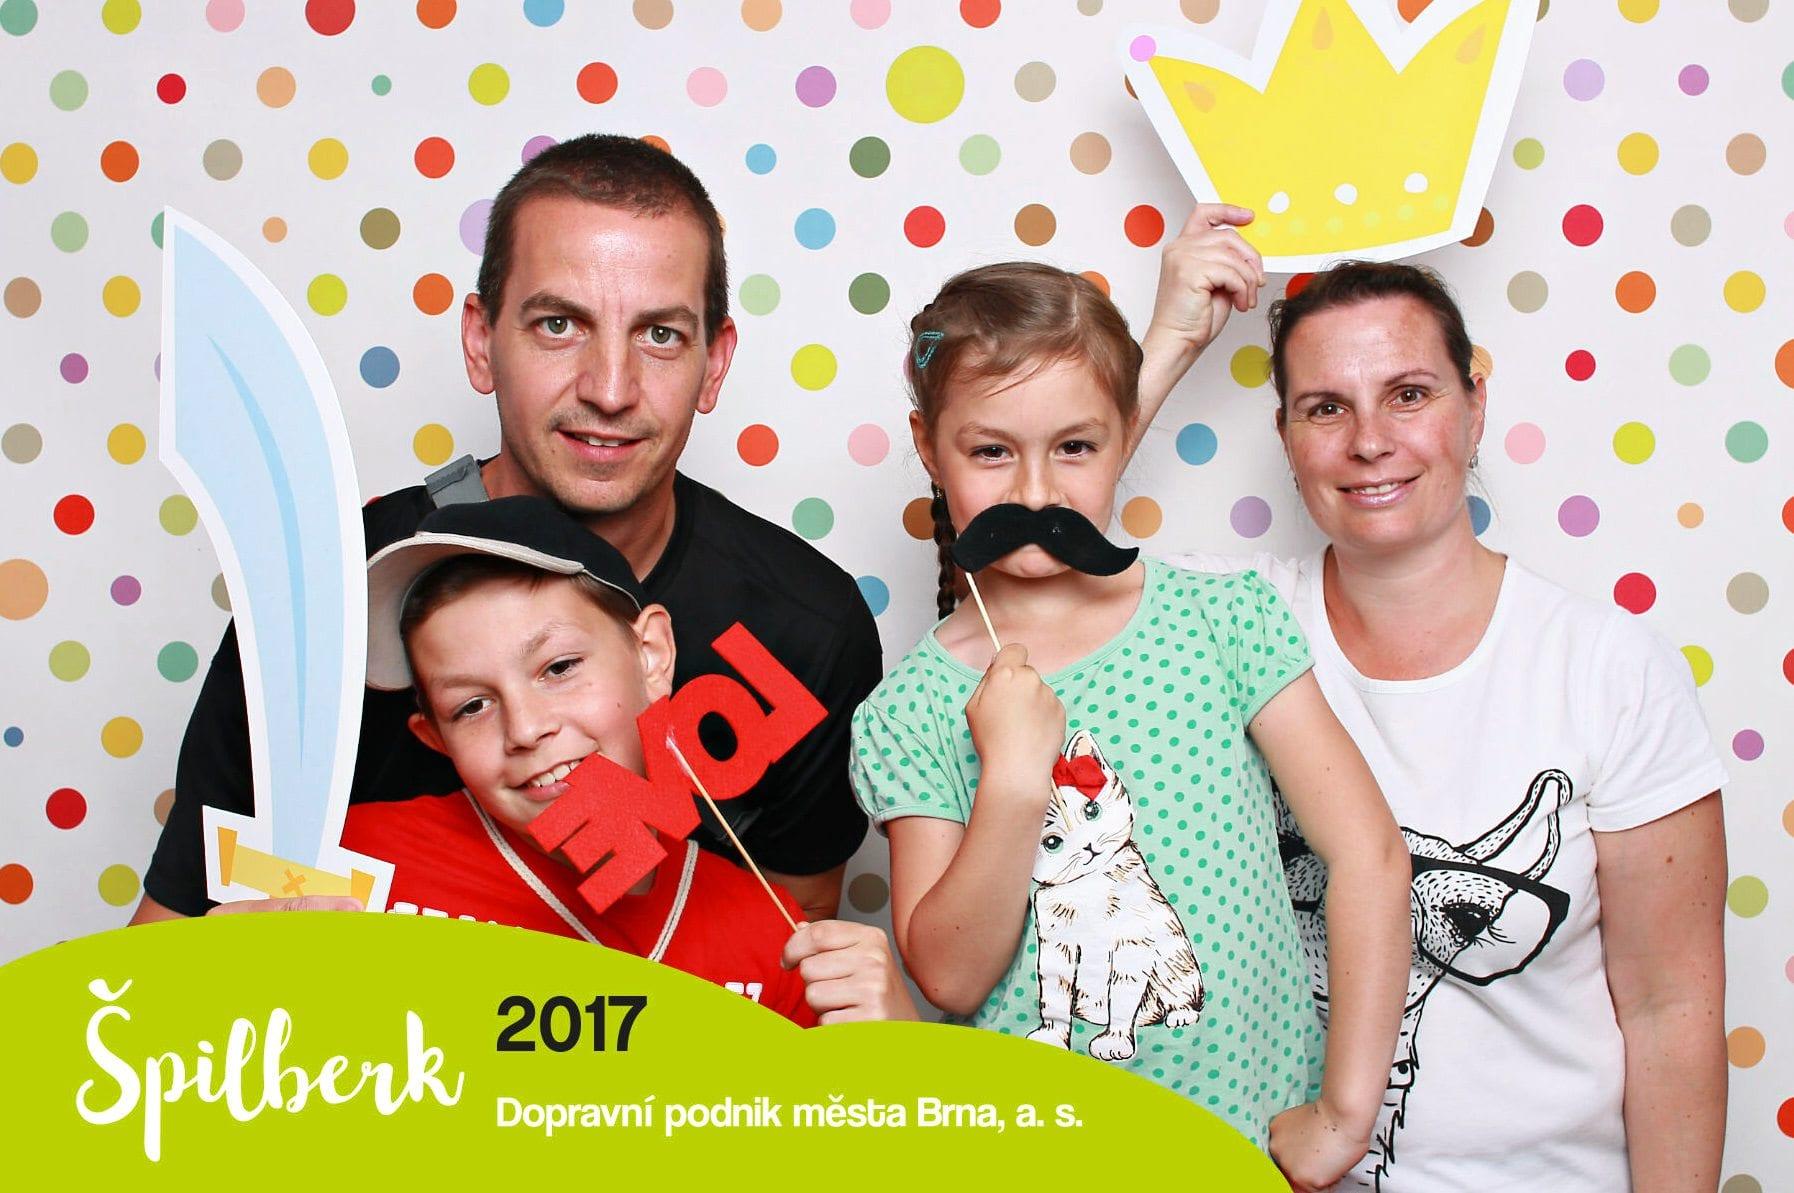 fotokoutek-dmpb-spilberk-2017-27-5-2017-251160